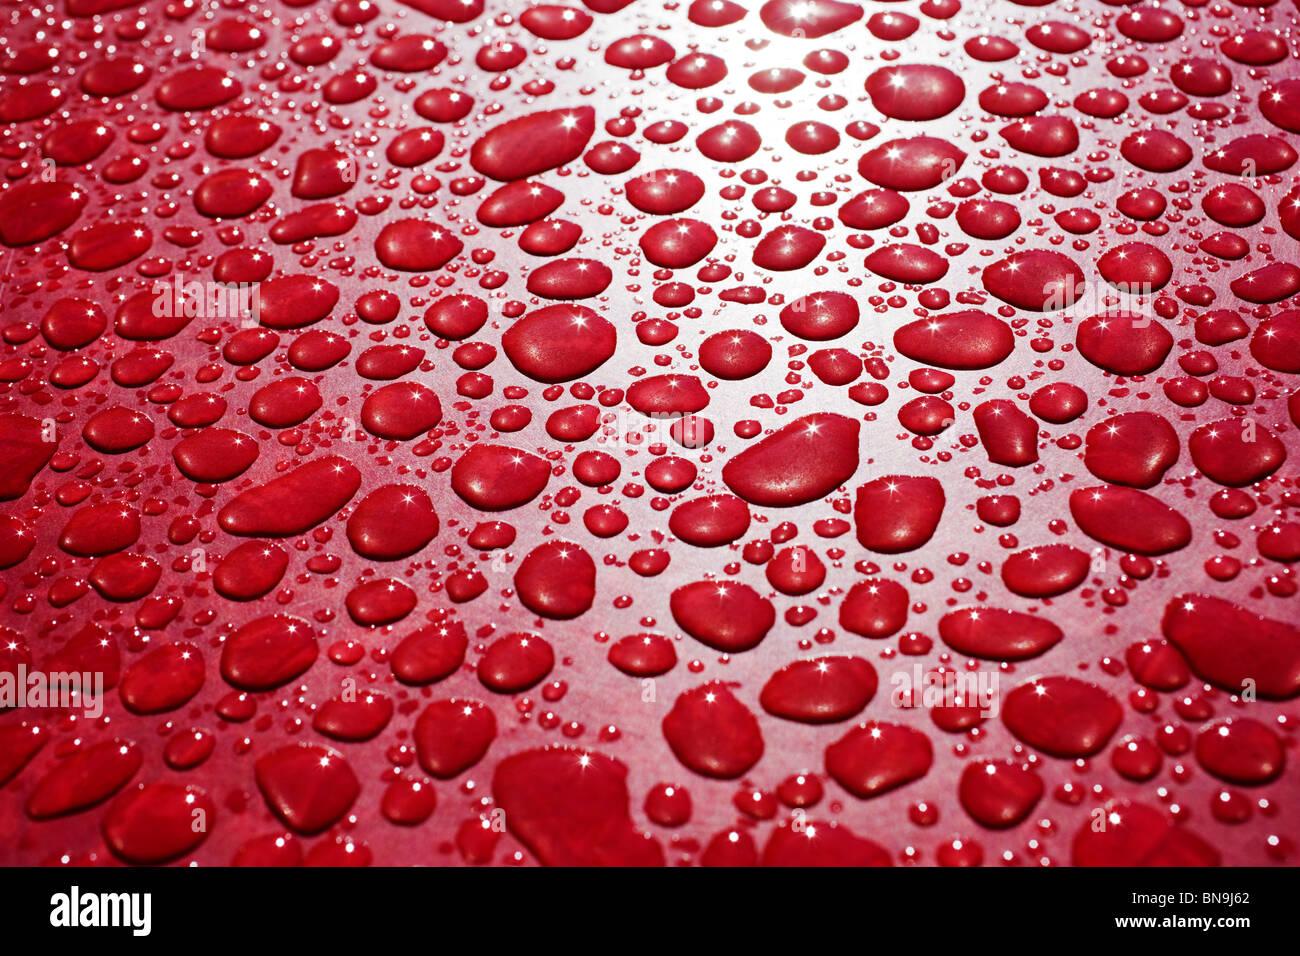 Close up photographie macro de gouttes de pluie sur une table rouge Banque D'Images